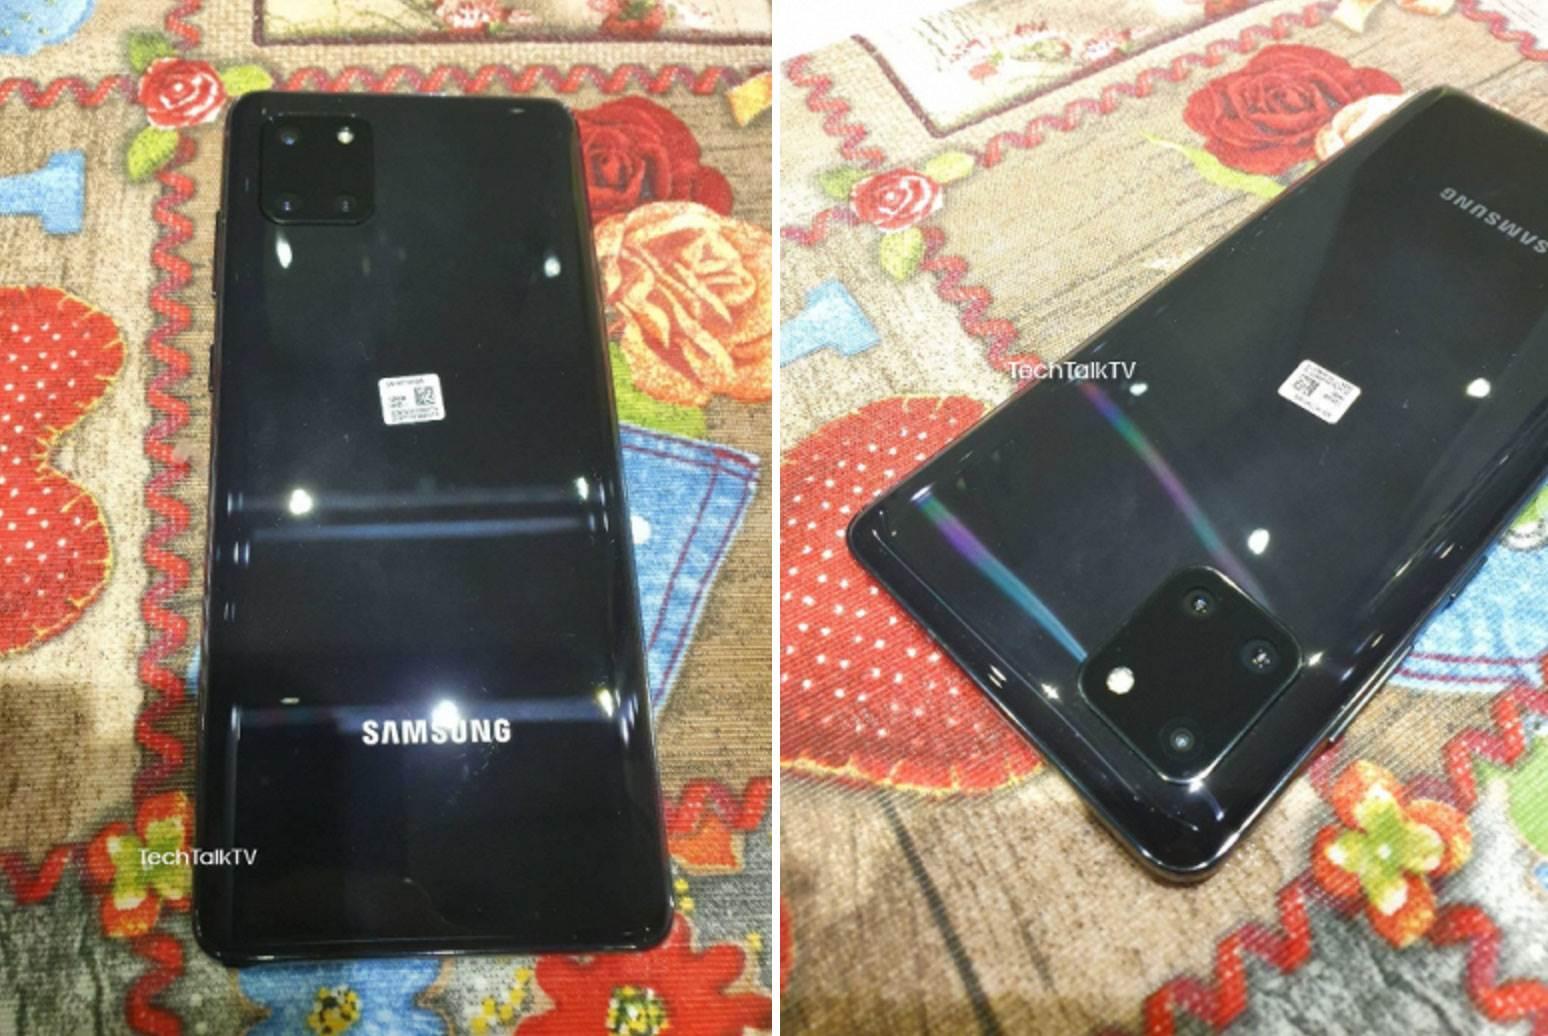 Samsung Galaxy Note10 Lite na pierwszych zdjęciach. Tylny aparat urządzenia jest bardzo podobny do... polecane, ciekawostki Specyfikacja, Samsung Galaxy Note10 Lite, ile kosztuje Galaxy Note 10 Lite, Galaxy Note10 Lite, Galaxy Note 10 Lite, cena  Według plotek, w tym miesiącu Samsung powinien wprowadzić do swojej oferty Galaxy S10 Lite i Galaxy Note10 Lite. Wciąż nie wiadomo dokładnie, kiedy odbędzie się premiera, ale w sieci pojawiły się już zdjęcia jednego z tych nowych produktów - Note10 Lite. Note10 2